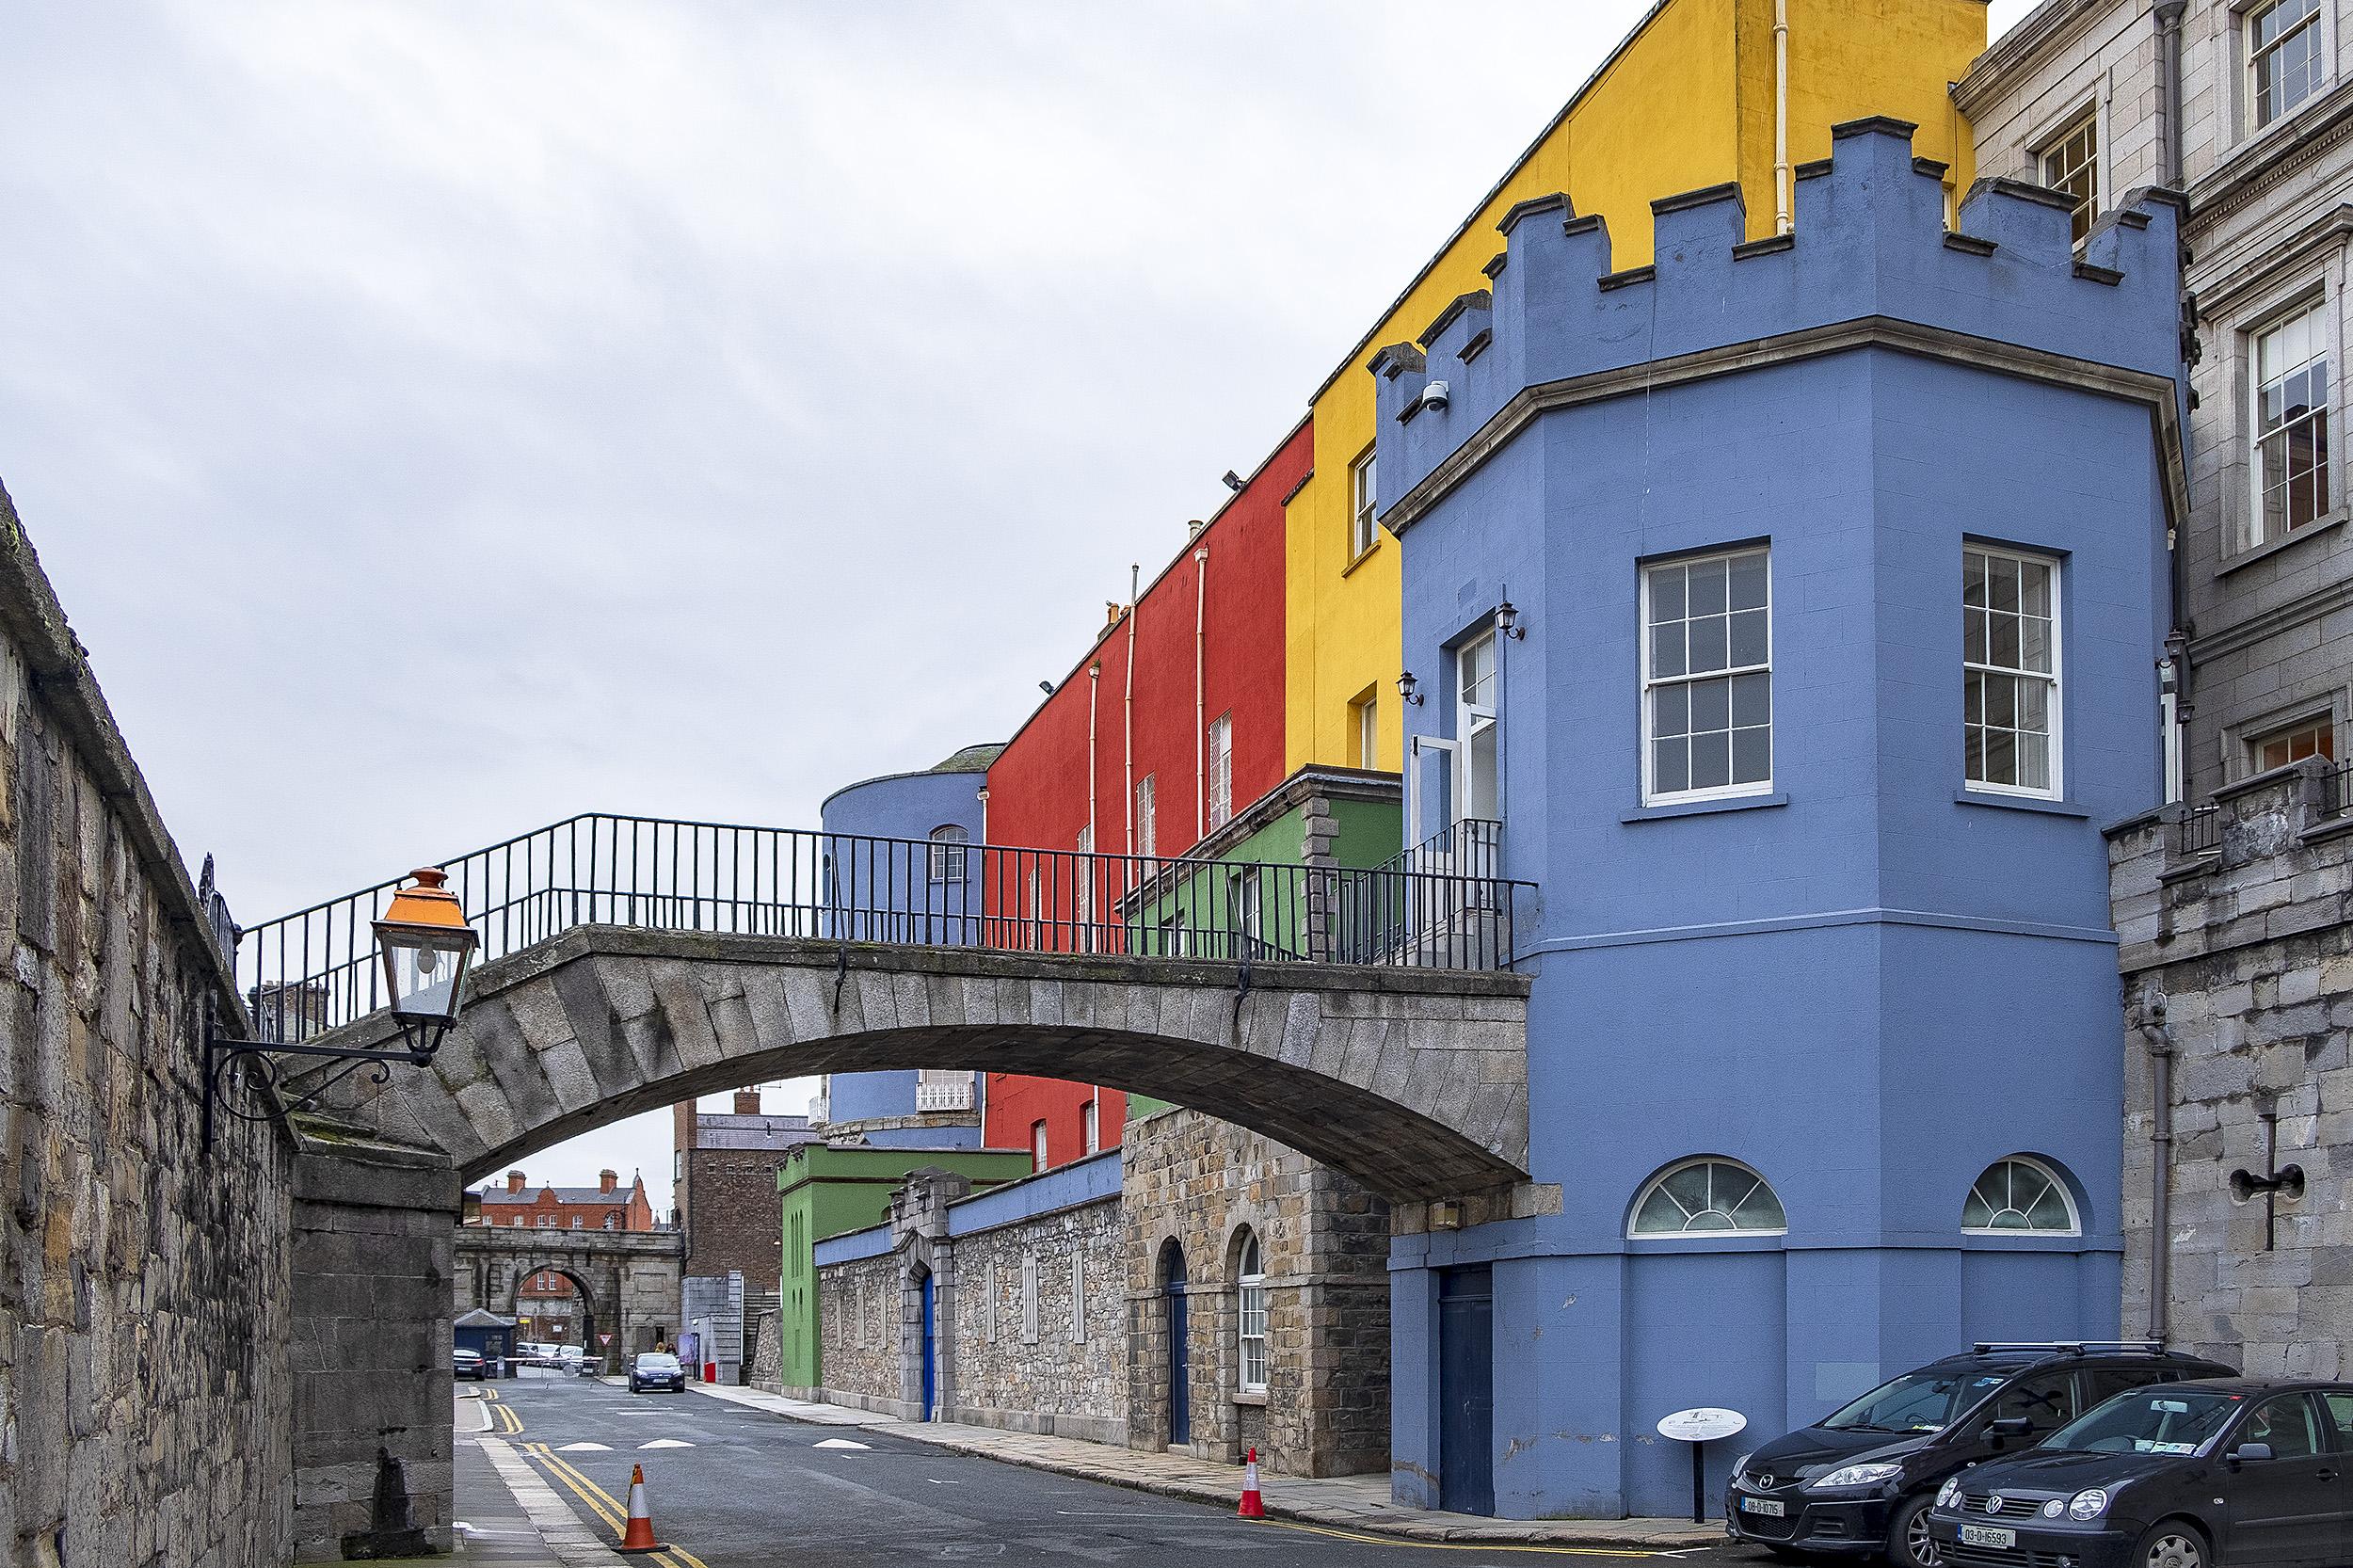 Dublin castle slott irland tillbakablick på resorna under 2018